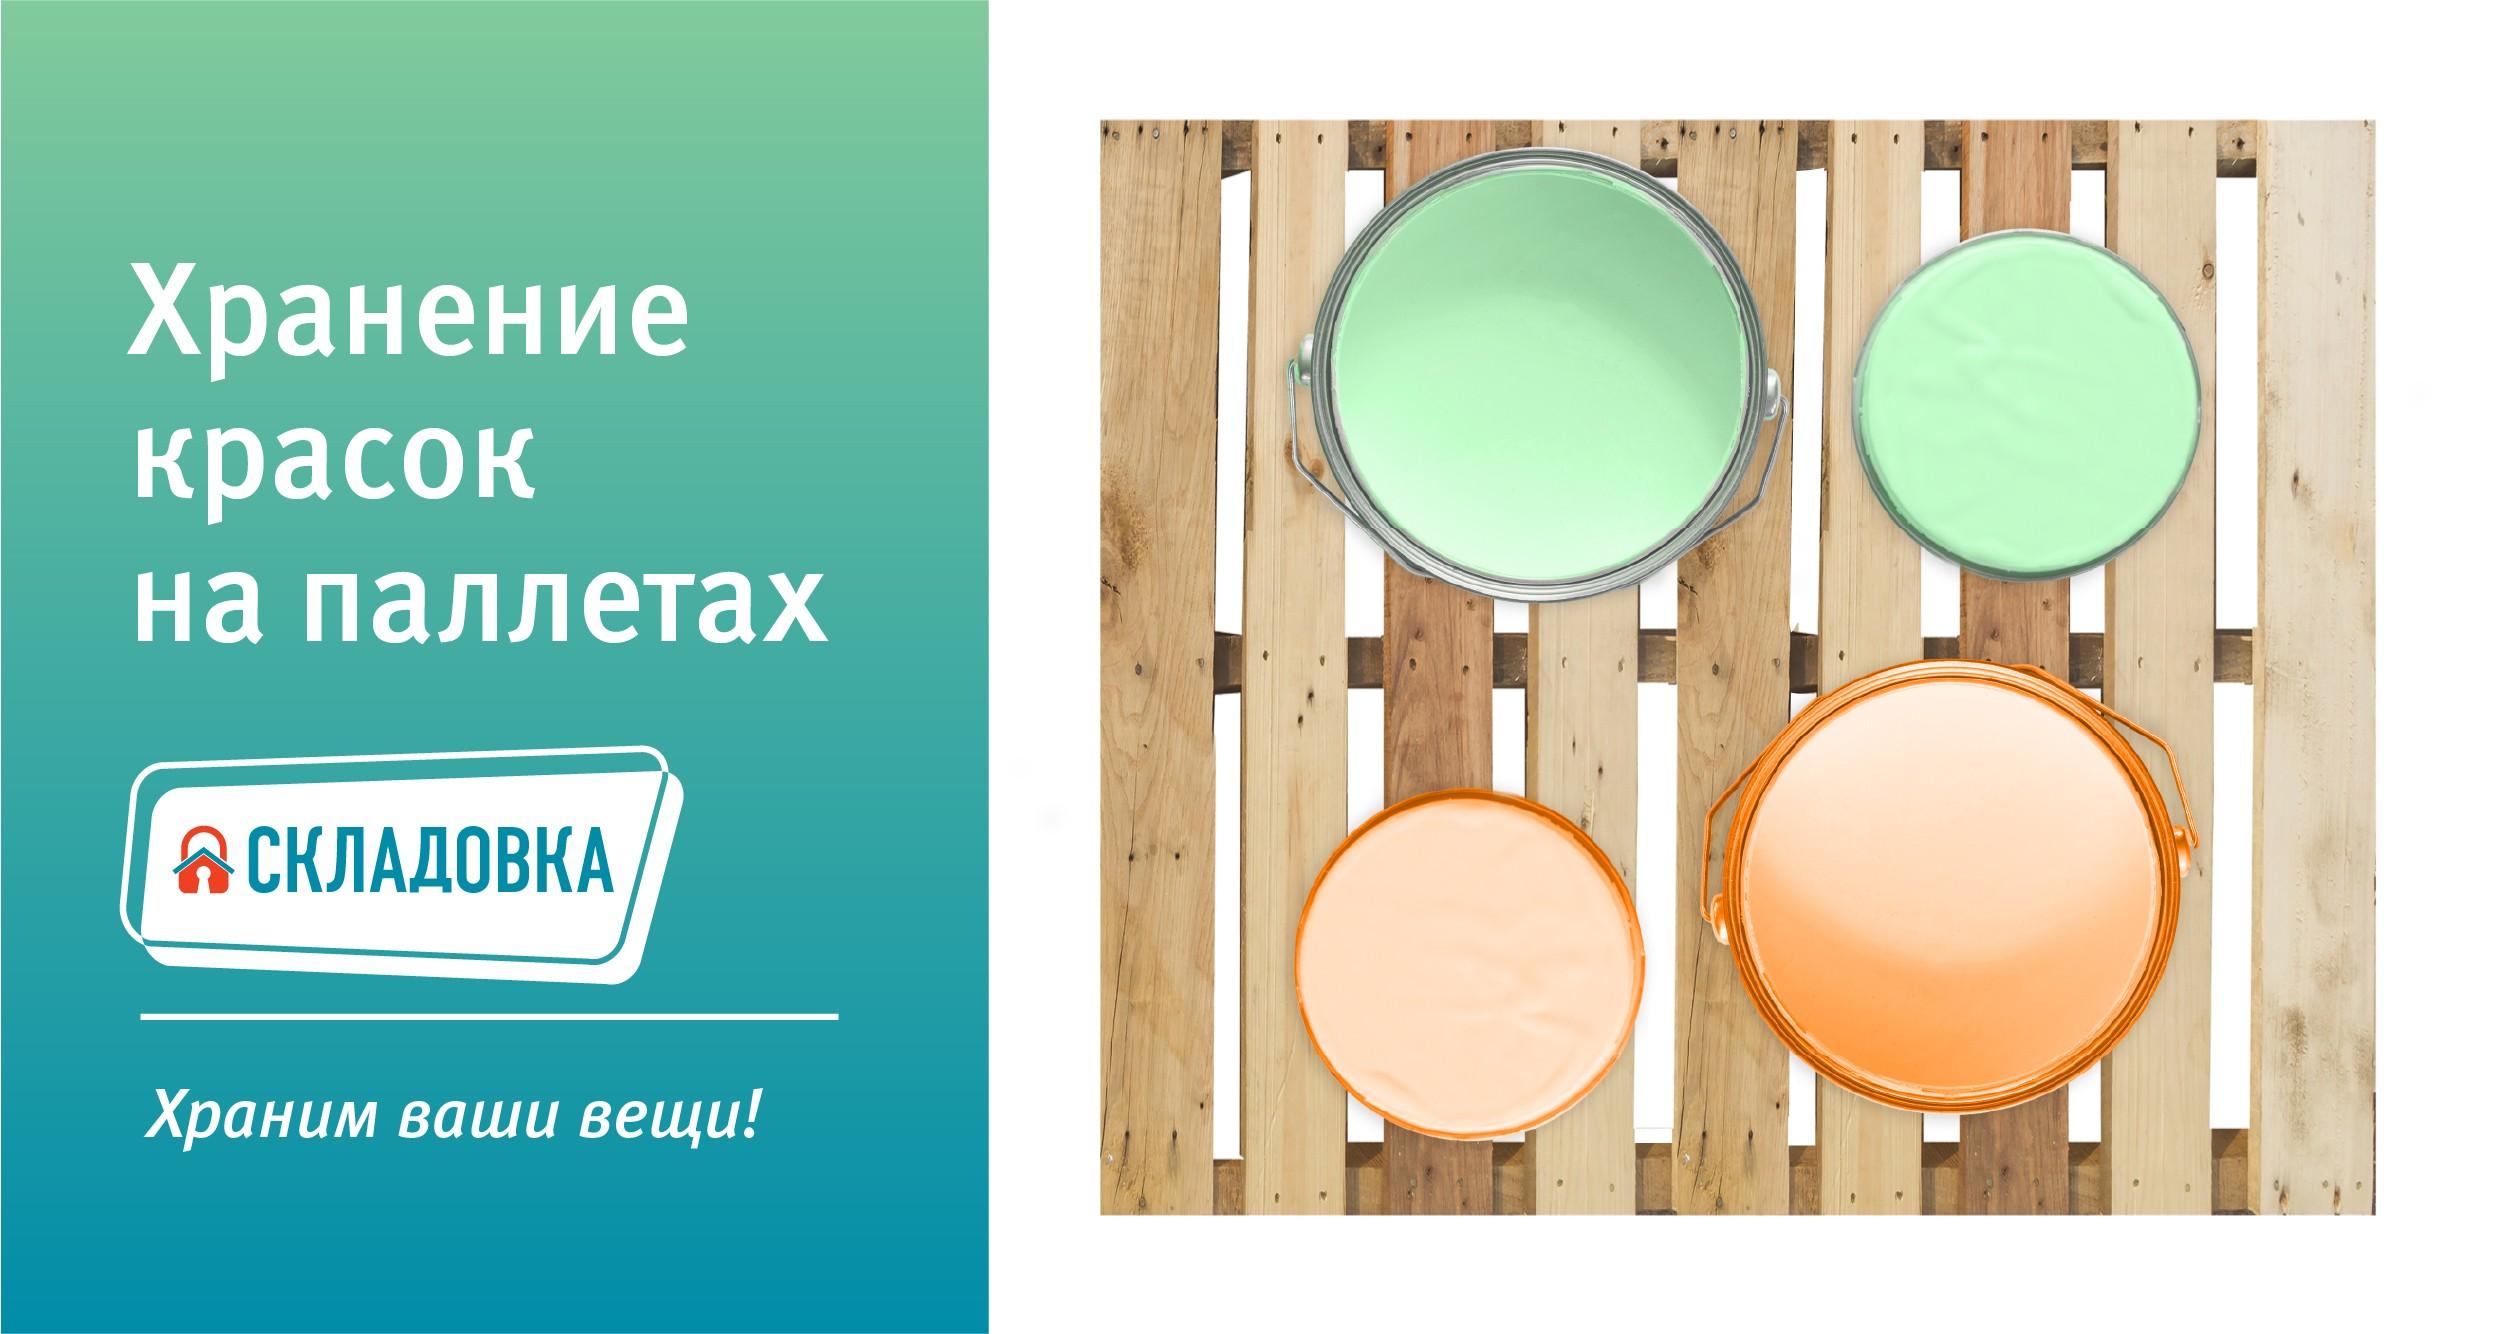 https://www.skladovka.ru/blog/dlya-biznesa/115-khranenie-krasok-na-palletakh/